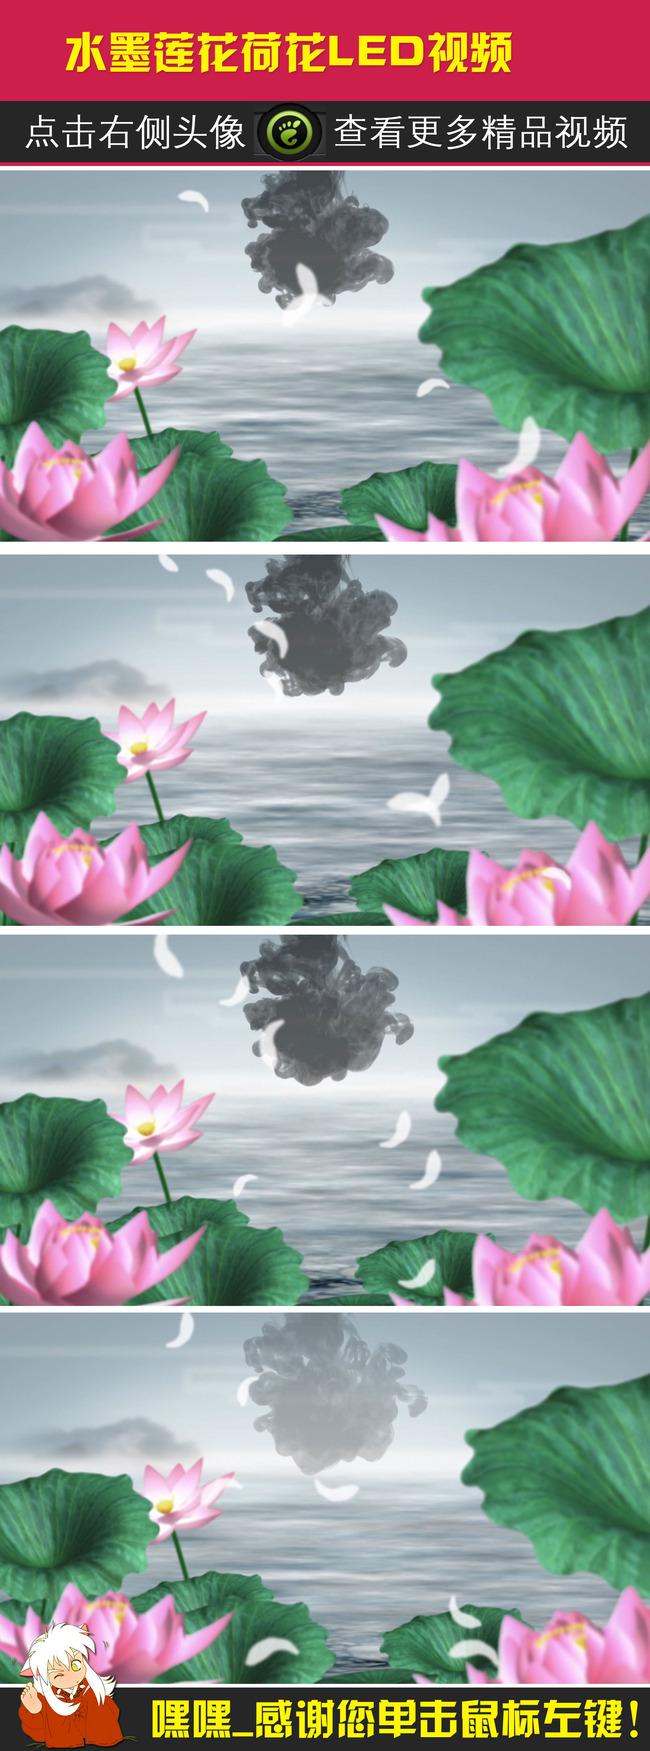 水墨中国风莲花荷花荷叶led视频图片